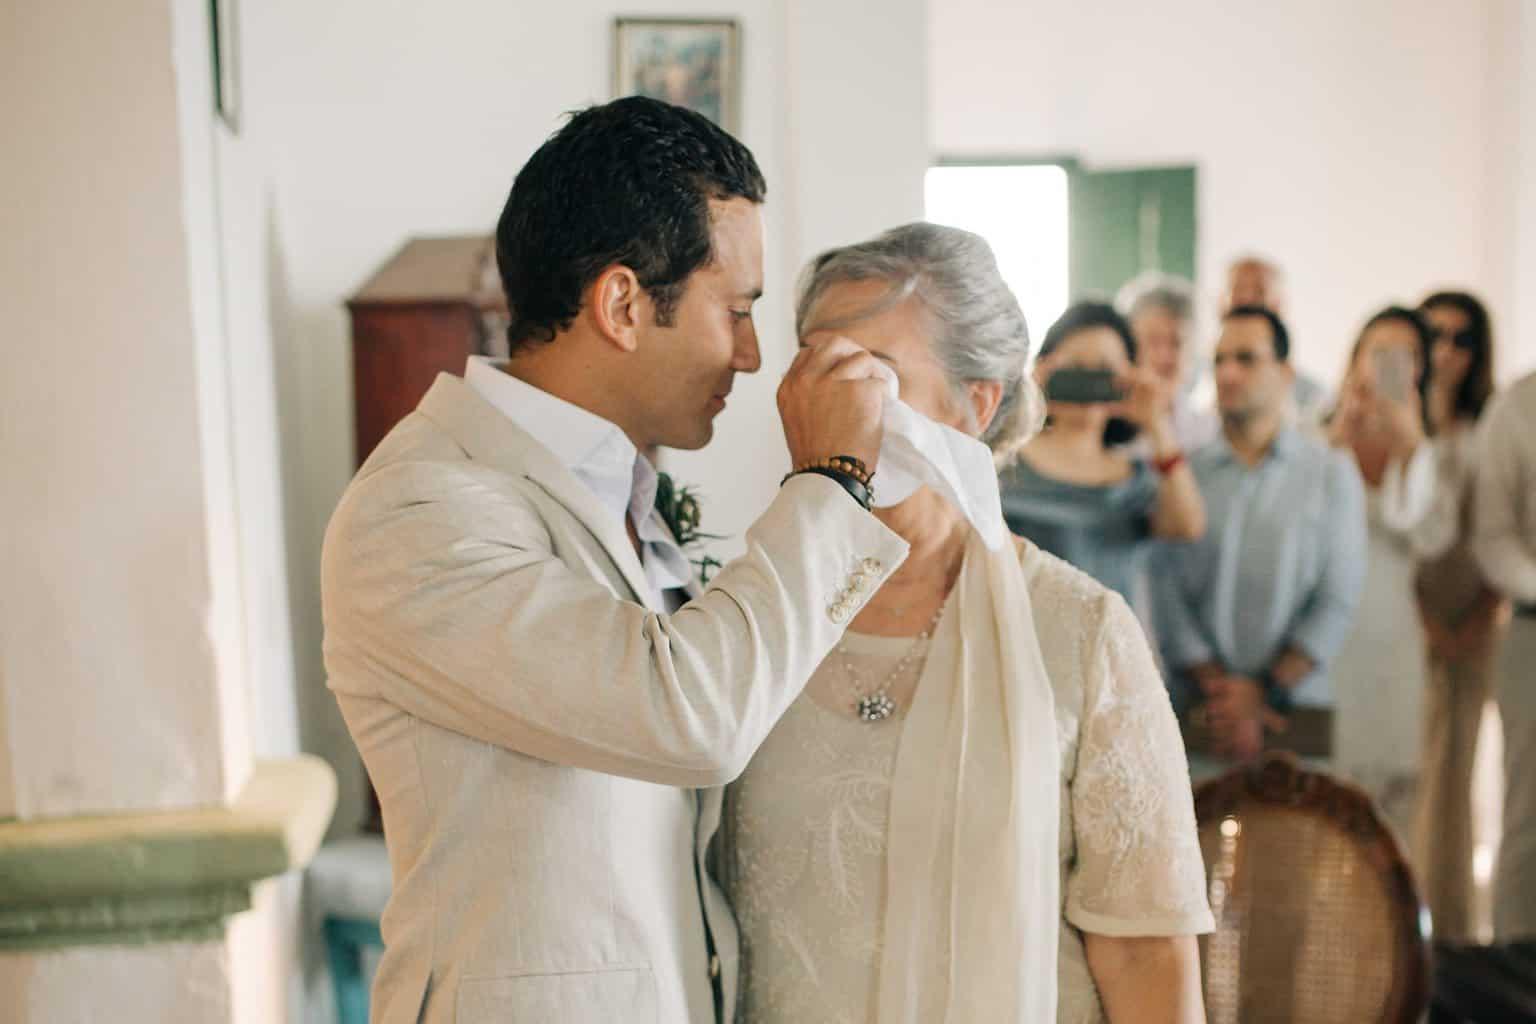 casamento-Danielle-e-Guilherme-aloha-fotografia-caseme-71